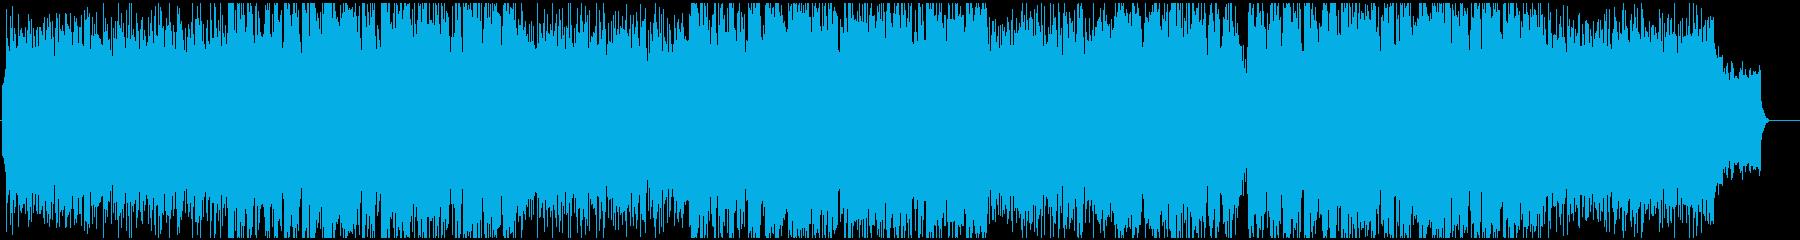 女性vo/前向き/ピアノ・ストリングスの再生済みの波形